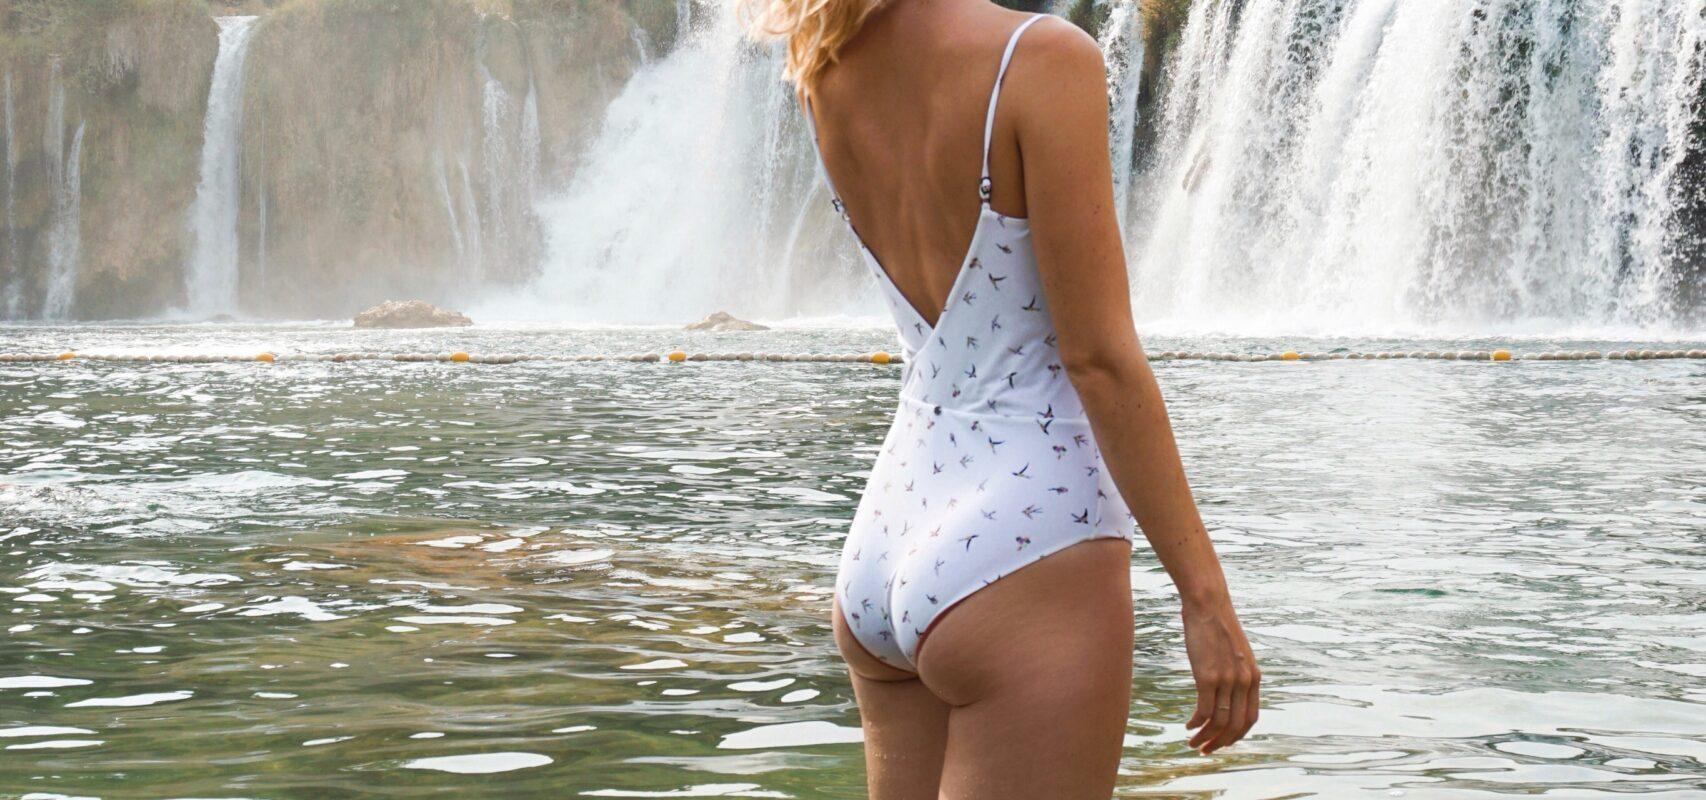 Sustainable swimwear fabrics